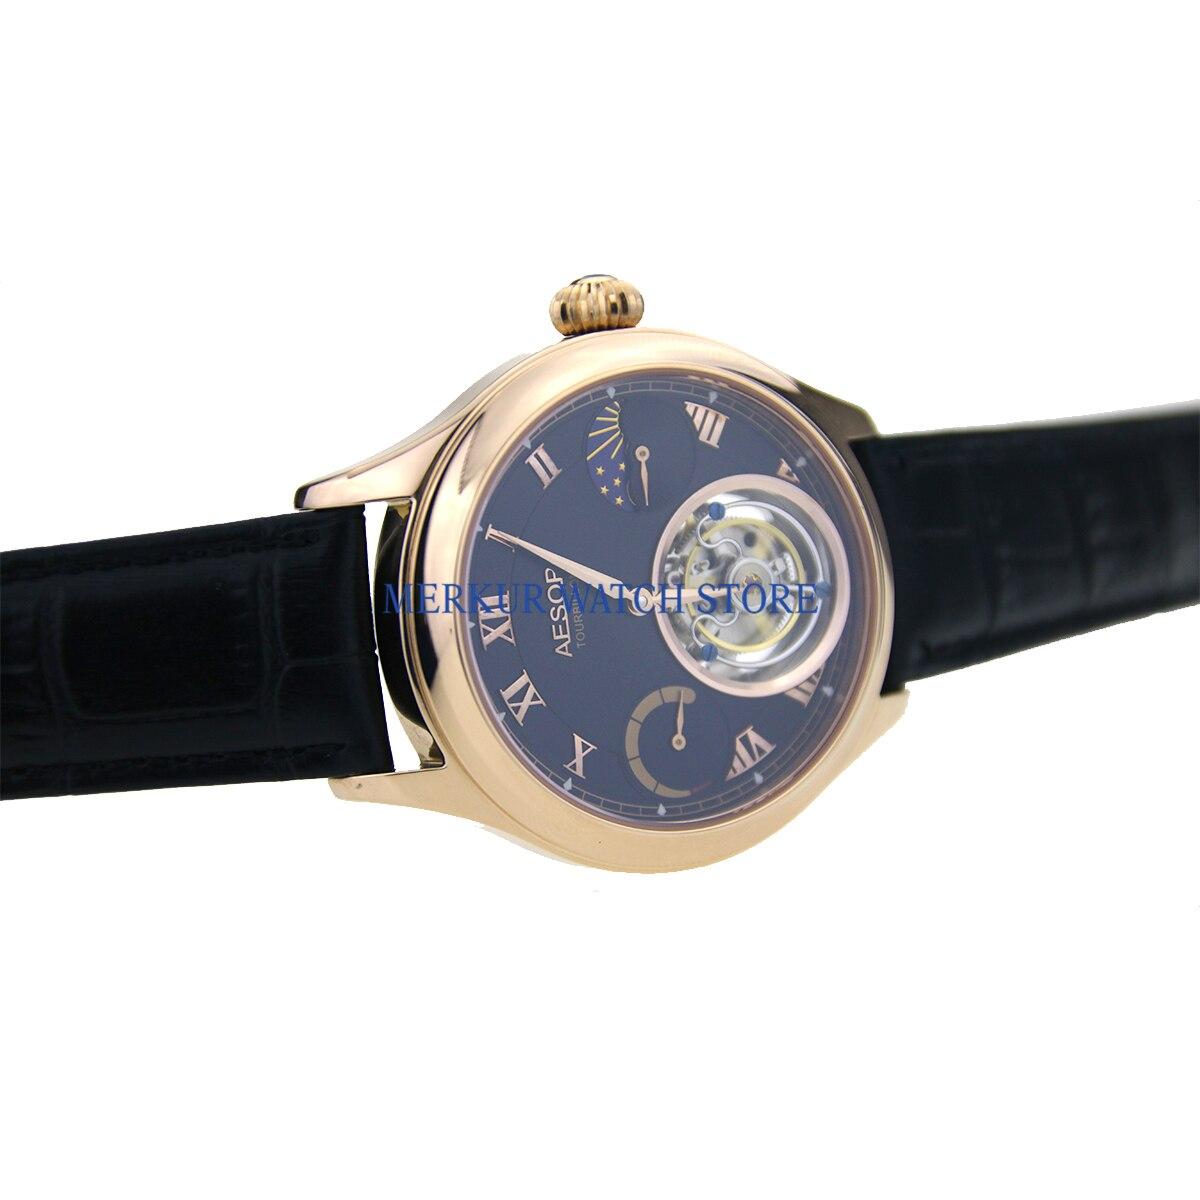 Merkur Mens Watch Mechanical Seagull Hangzhou High Beat Tourbillon Movement Skelenton Luxury   Dress Gold Plated Black Dial